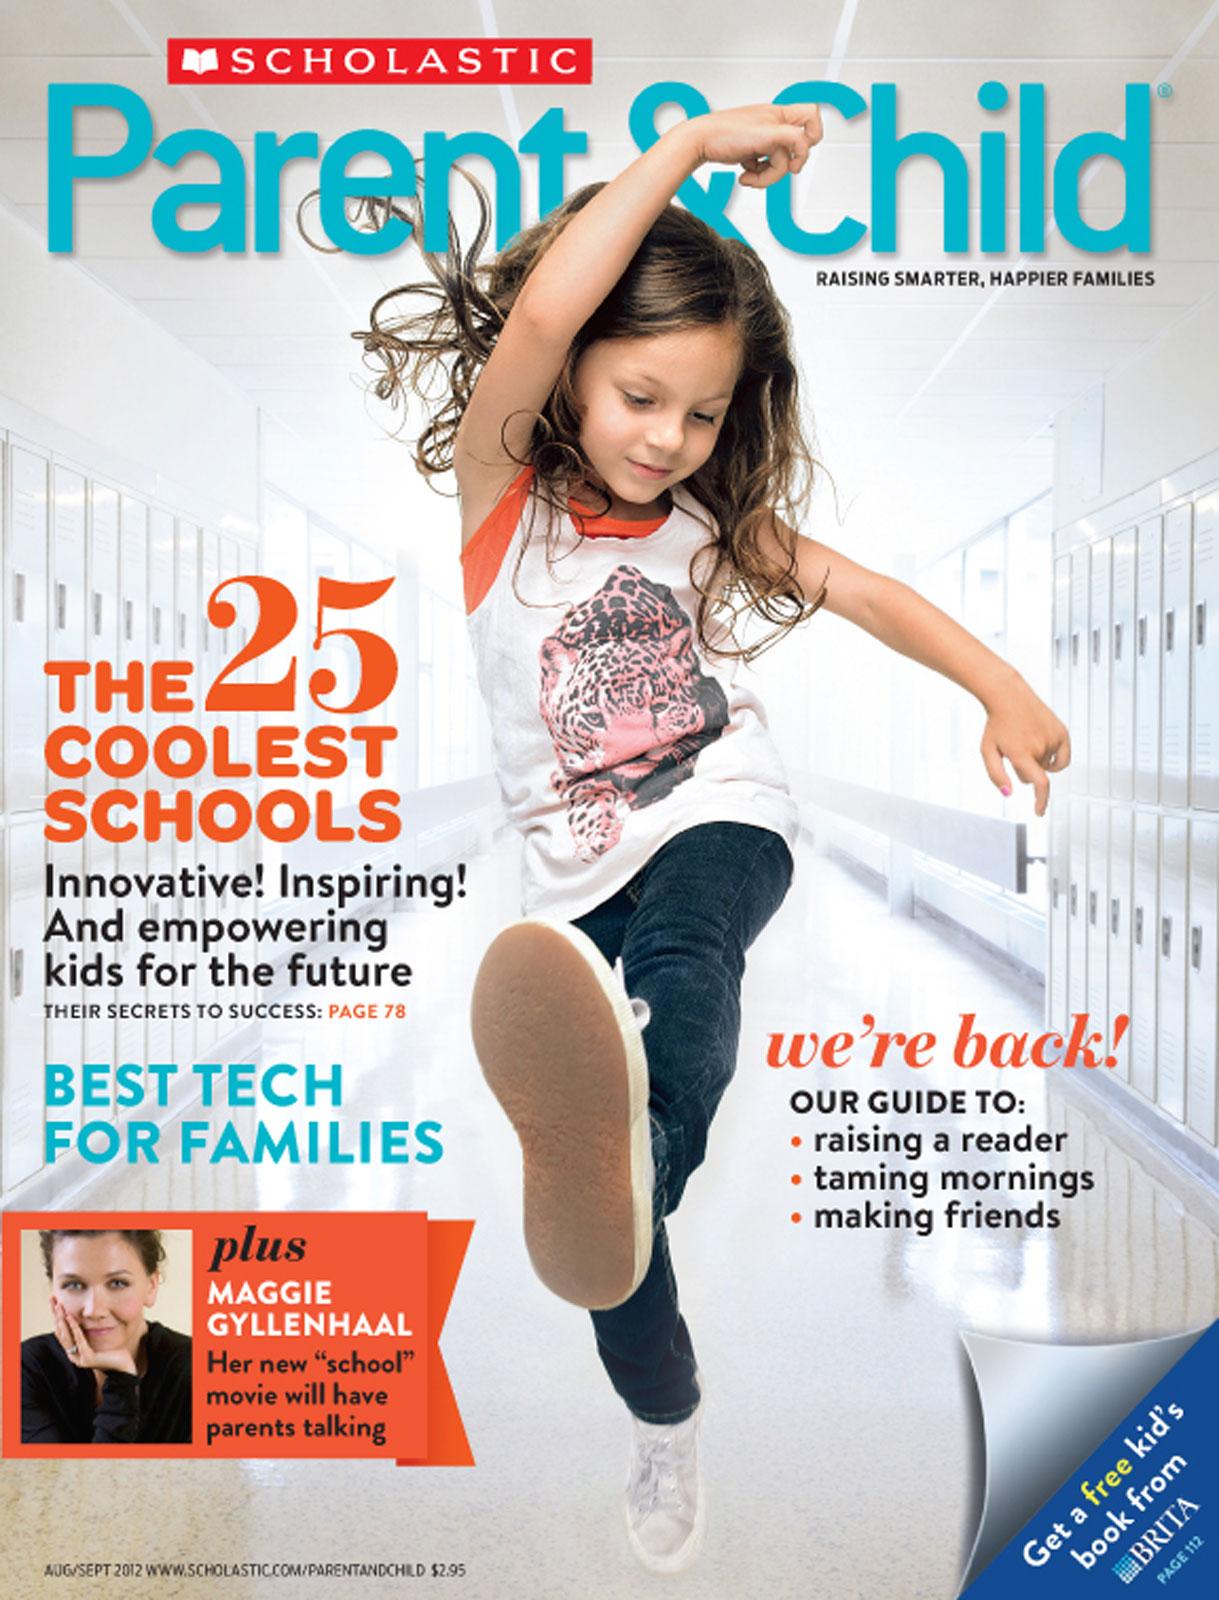 Scholastic-Parent-Child-Sep2012.jpg